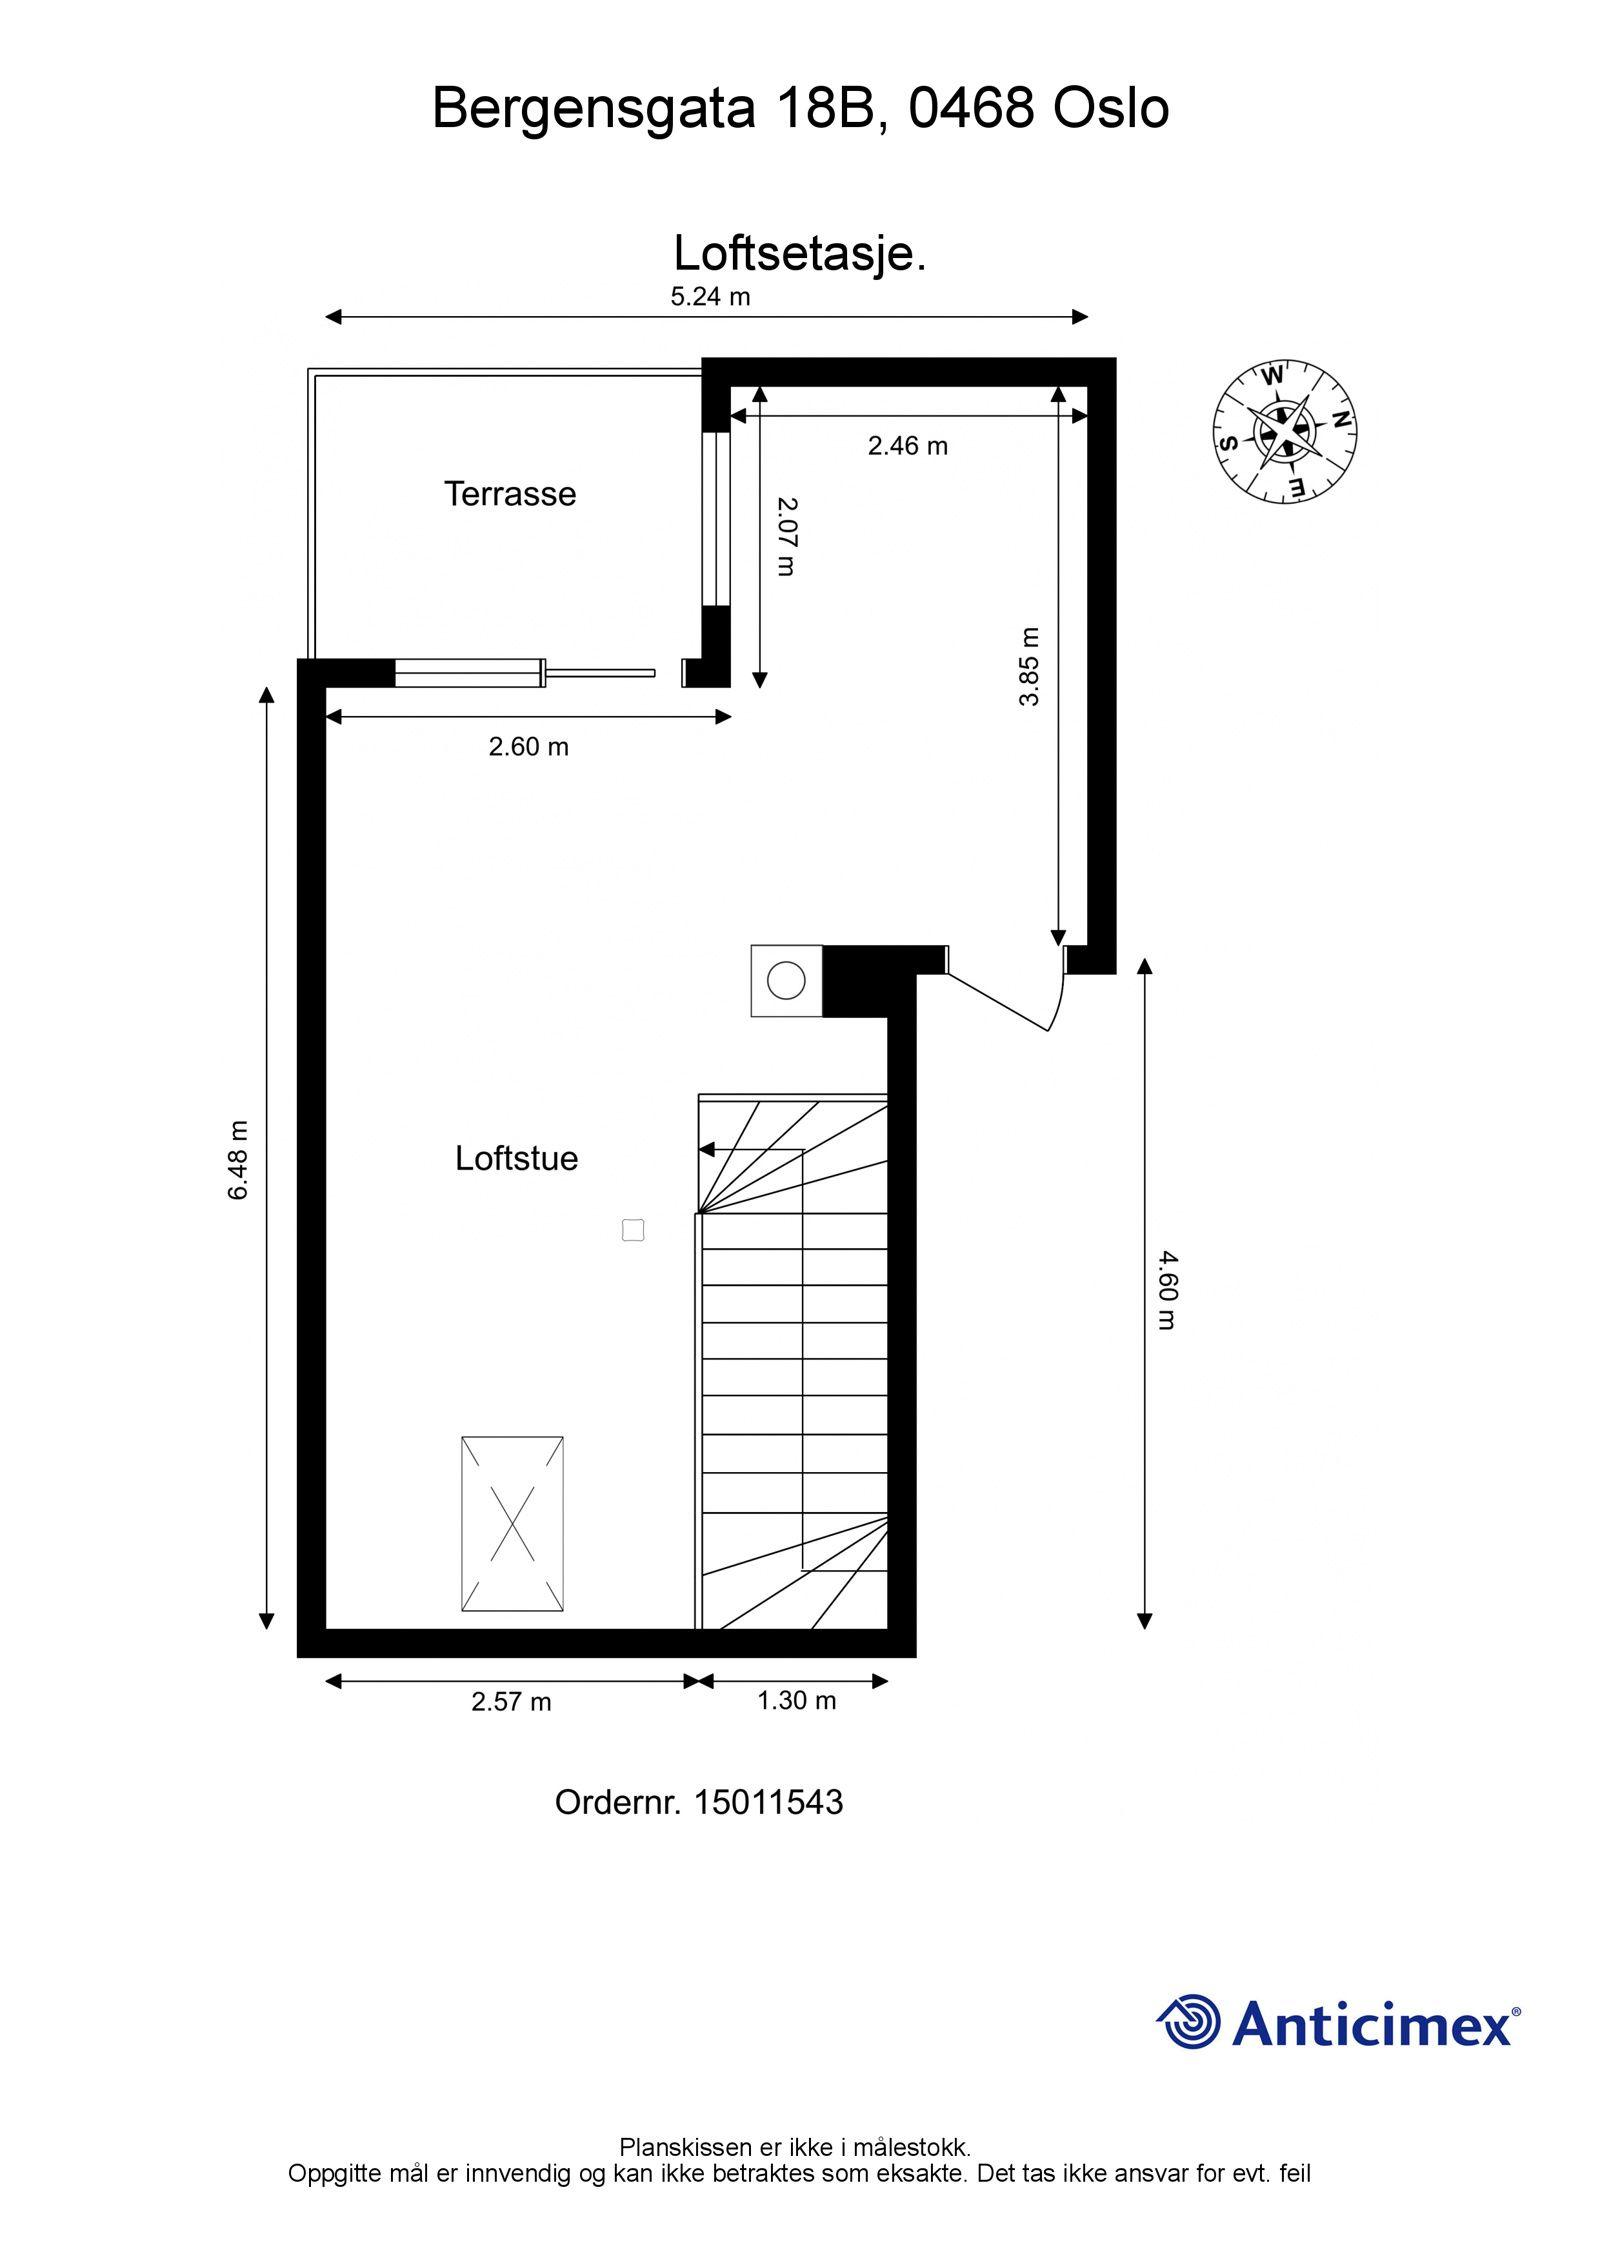 Bergensgata 18B Planskisse - Øvre plan